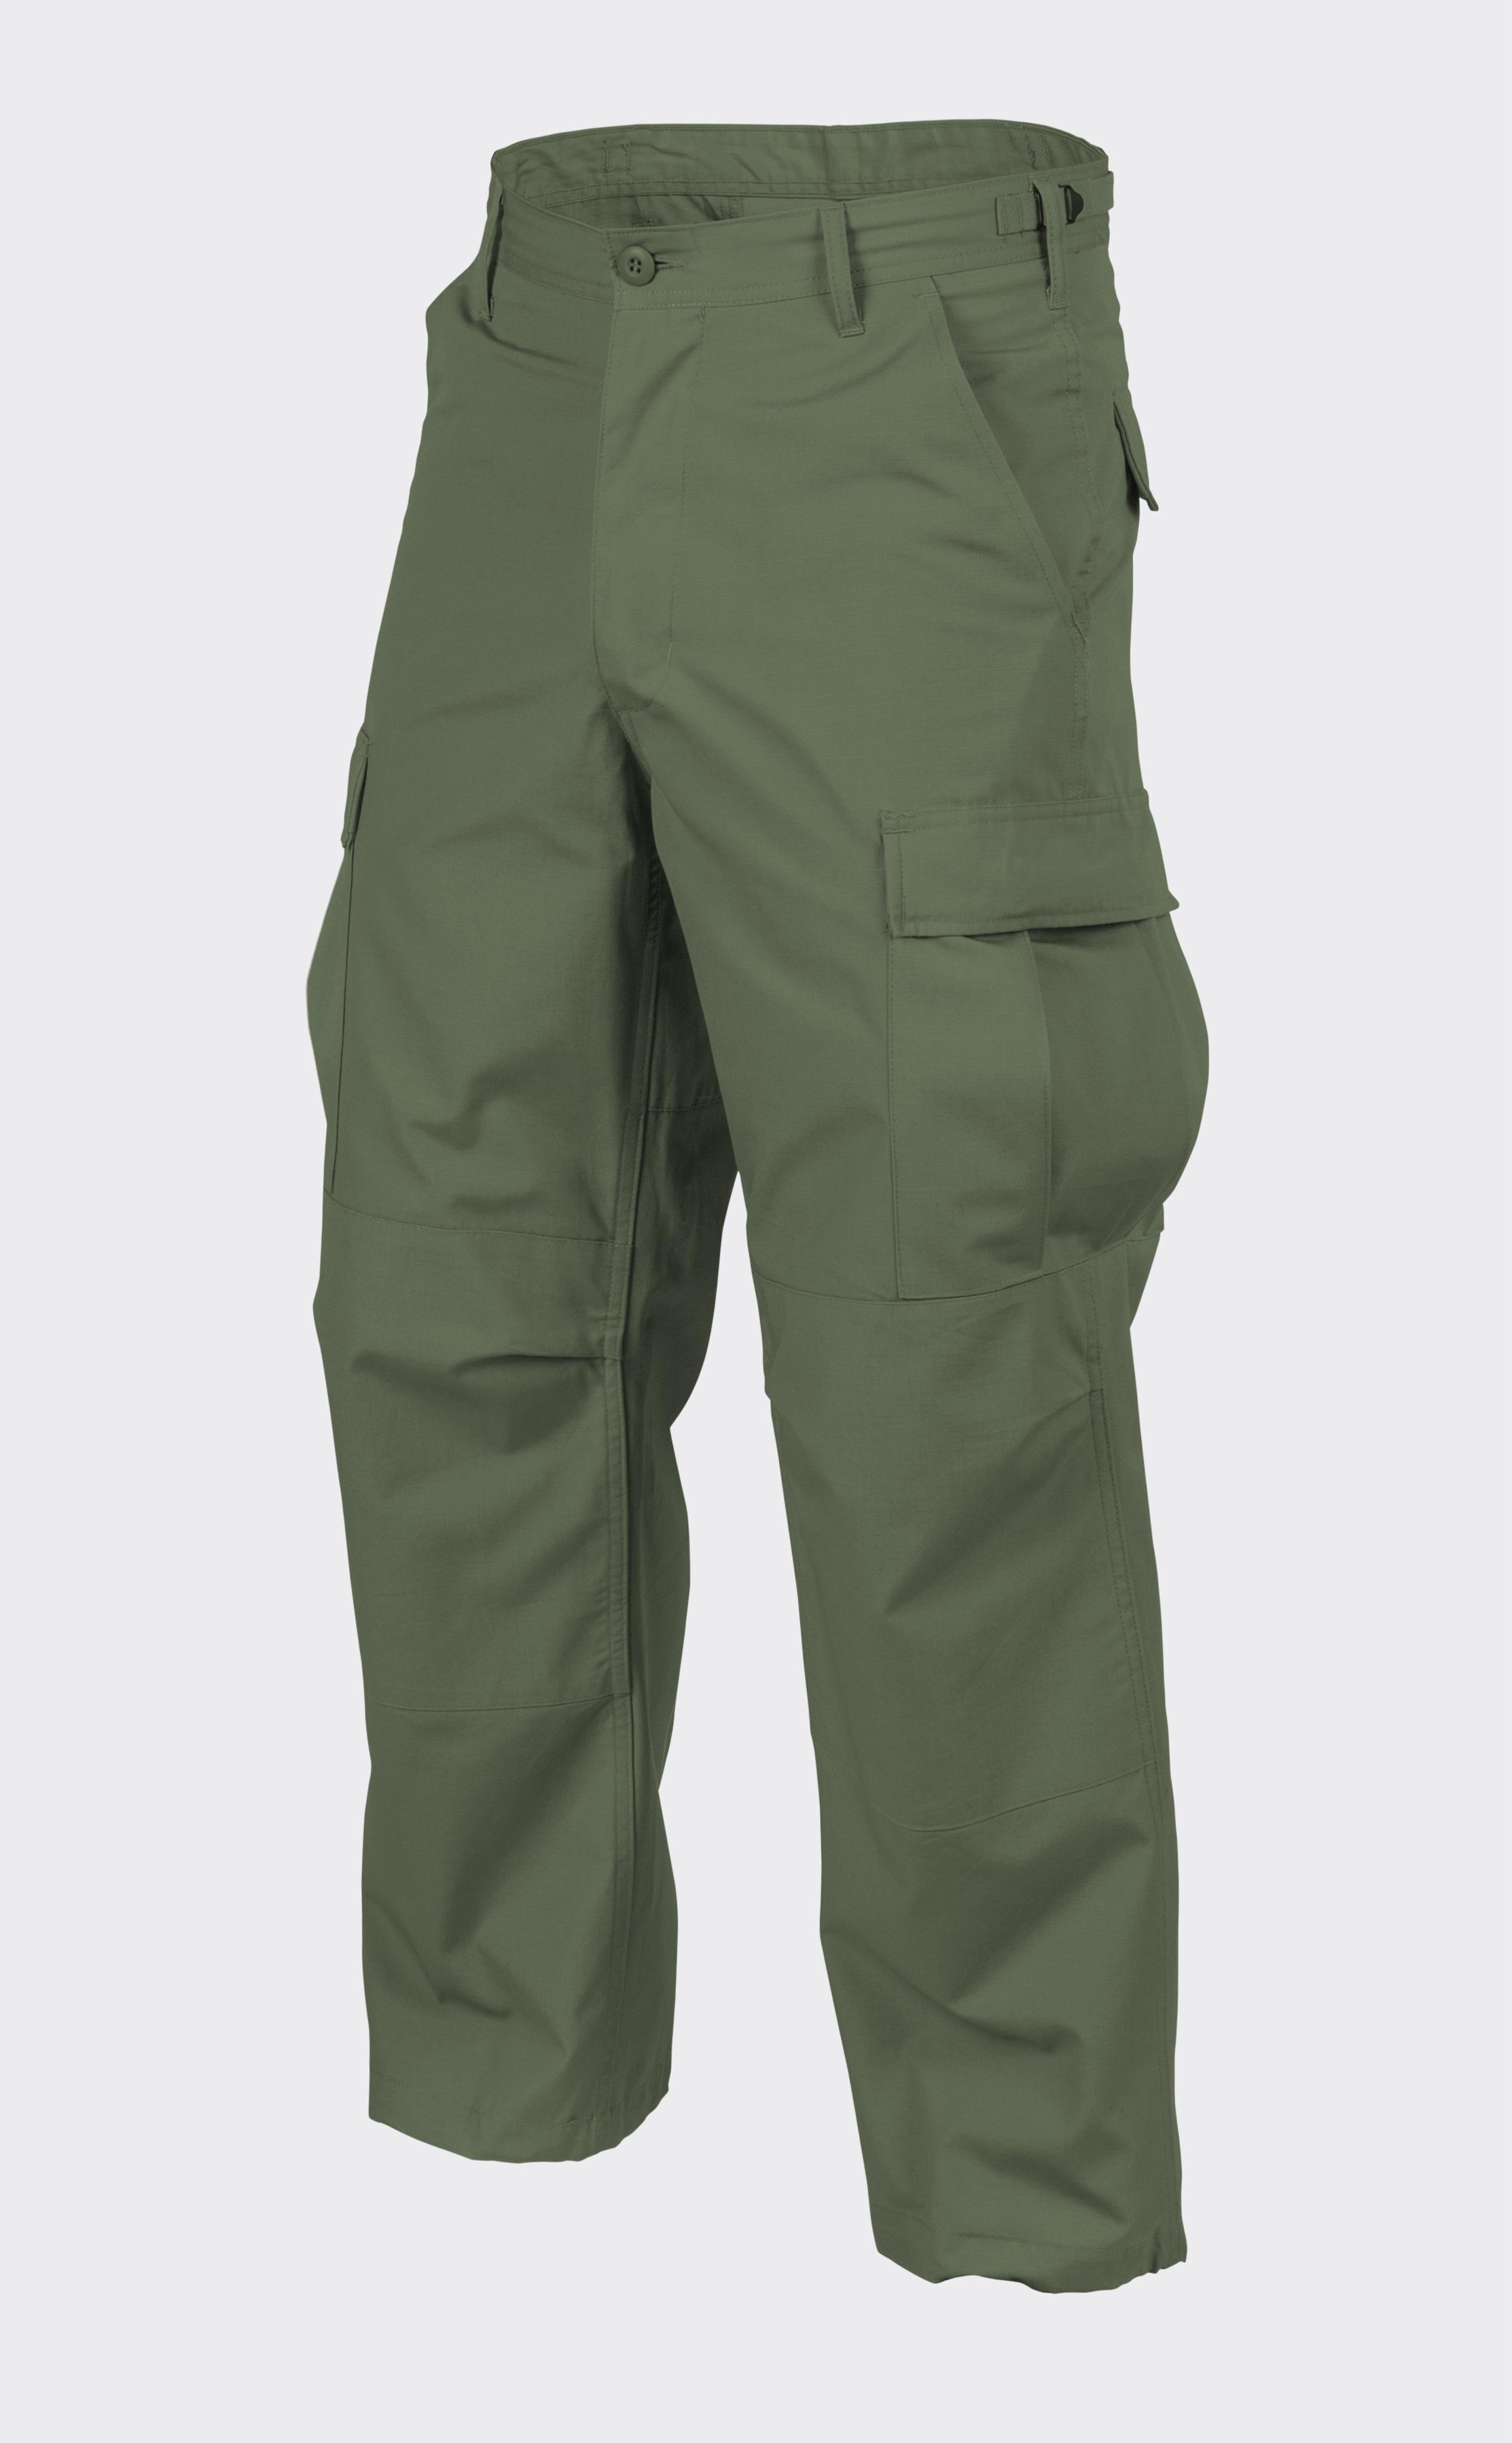 Spodnie BDU kolor Oliv Helikon-tex